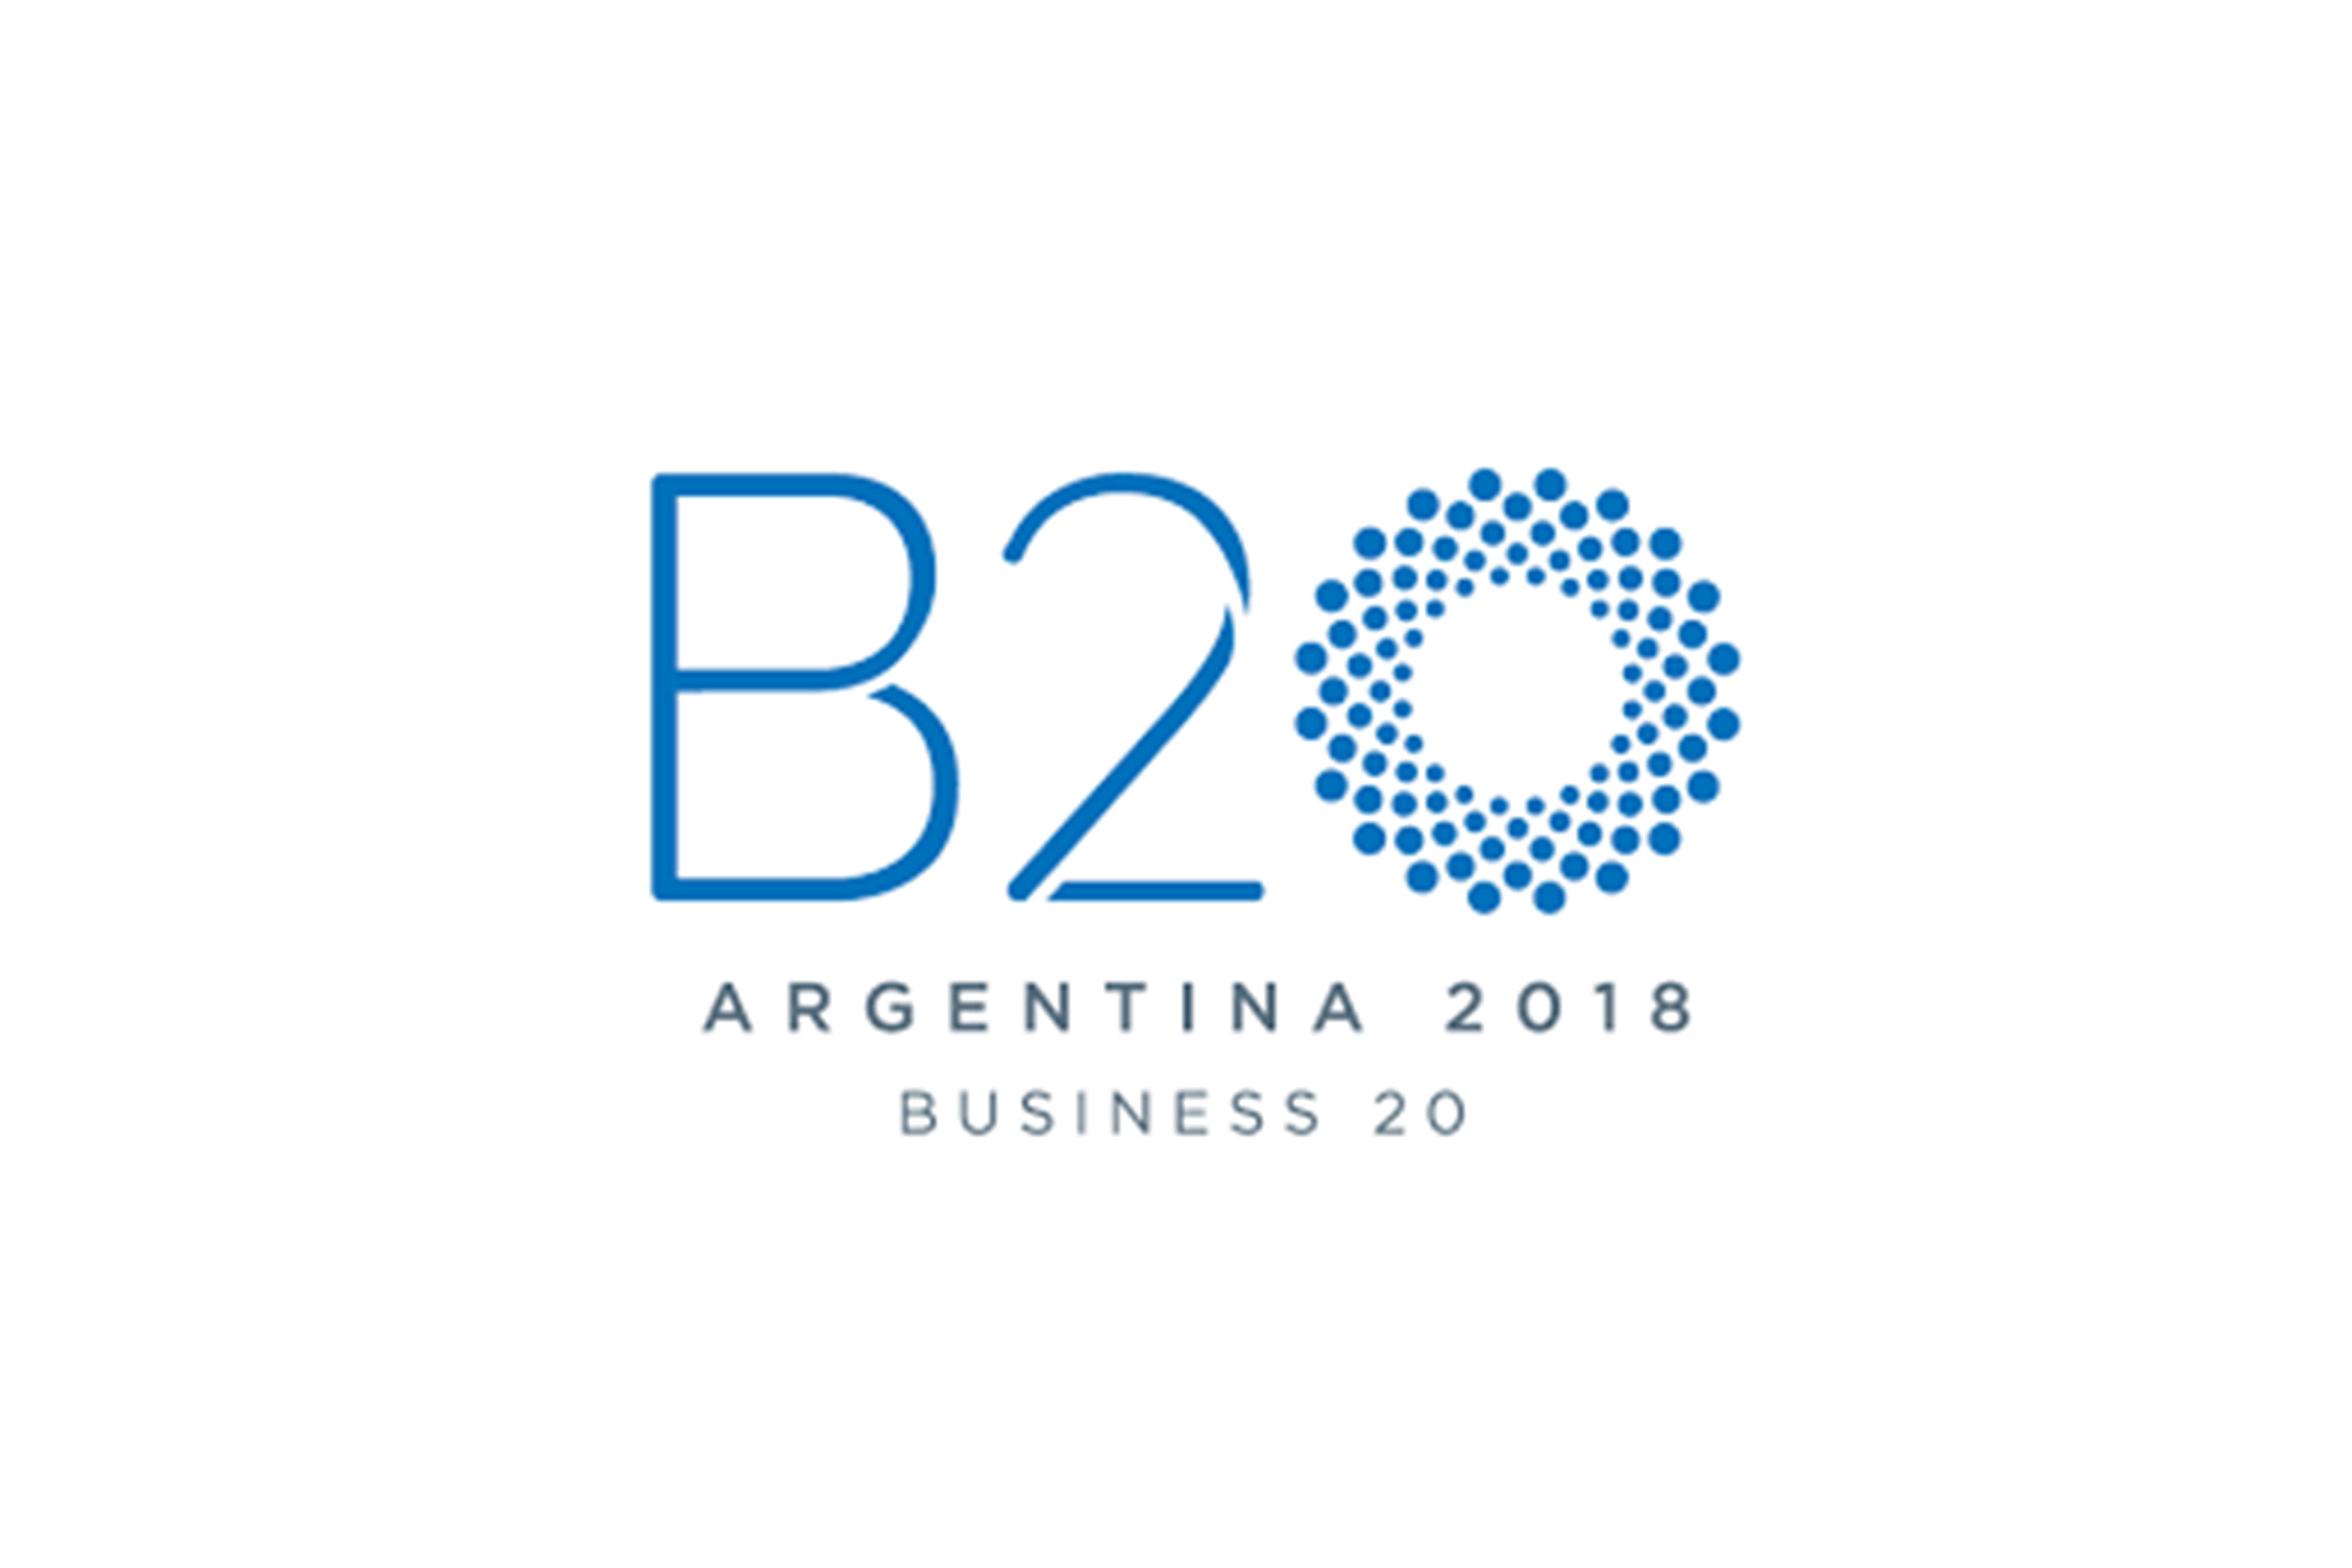 ADEBA estuvo en el quinto Foro de Líderes del Business 20